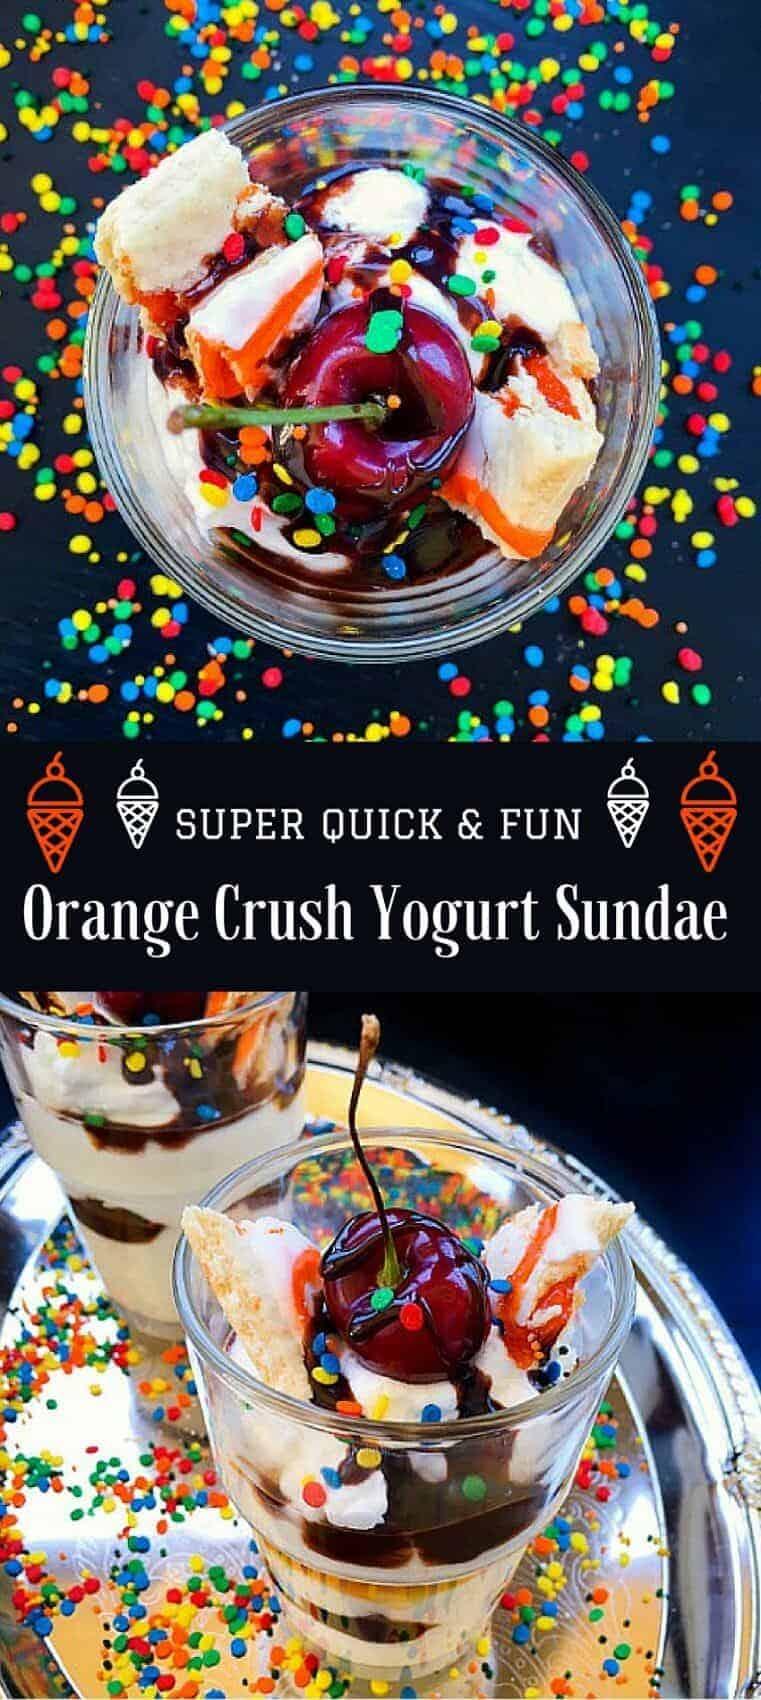 Super Quick & Fun Orange Crush Yogurt Sundae : #ad #ReimagineCereal #CollectiveBias #yogurt #sundae